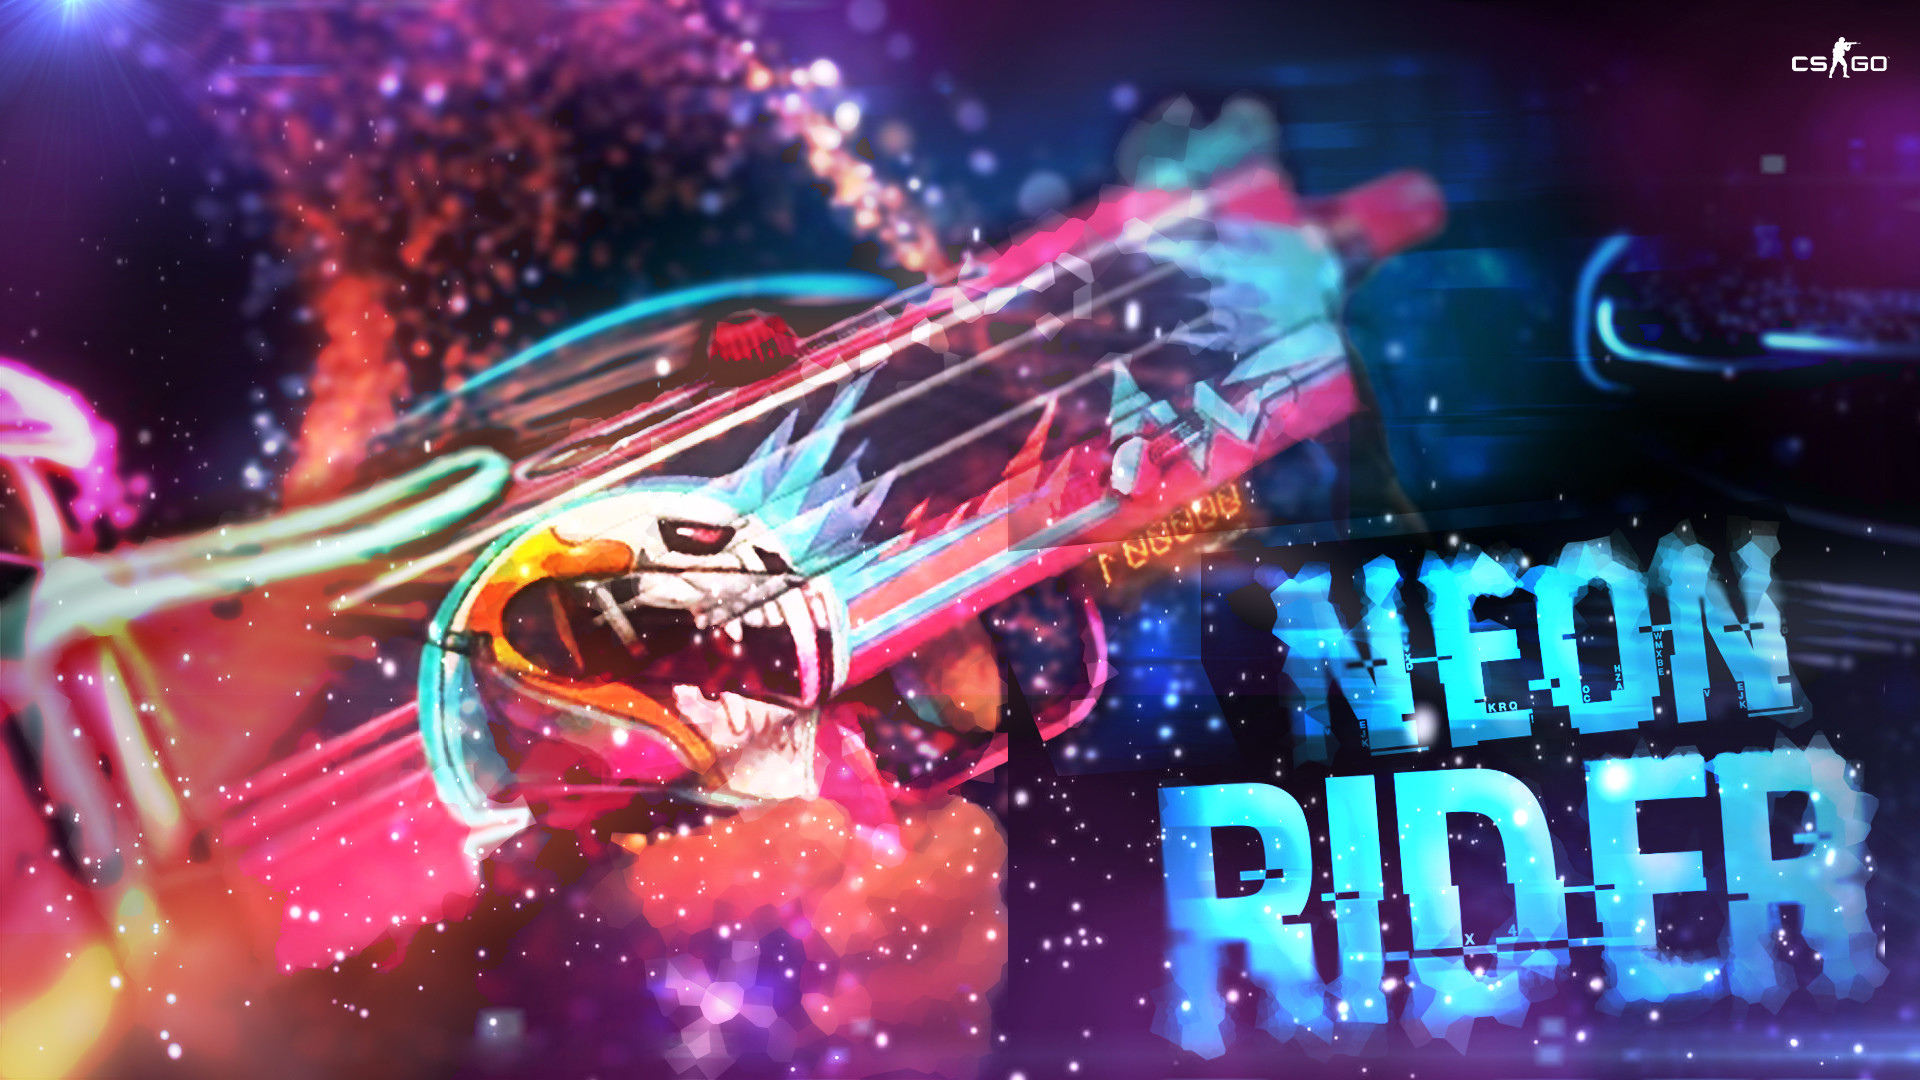 MAC-10 Neon Rider skin shown in Chinese CSGO